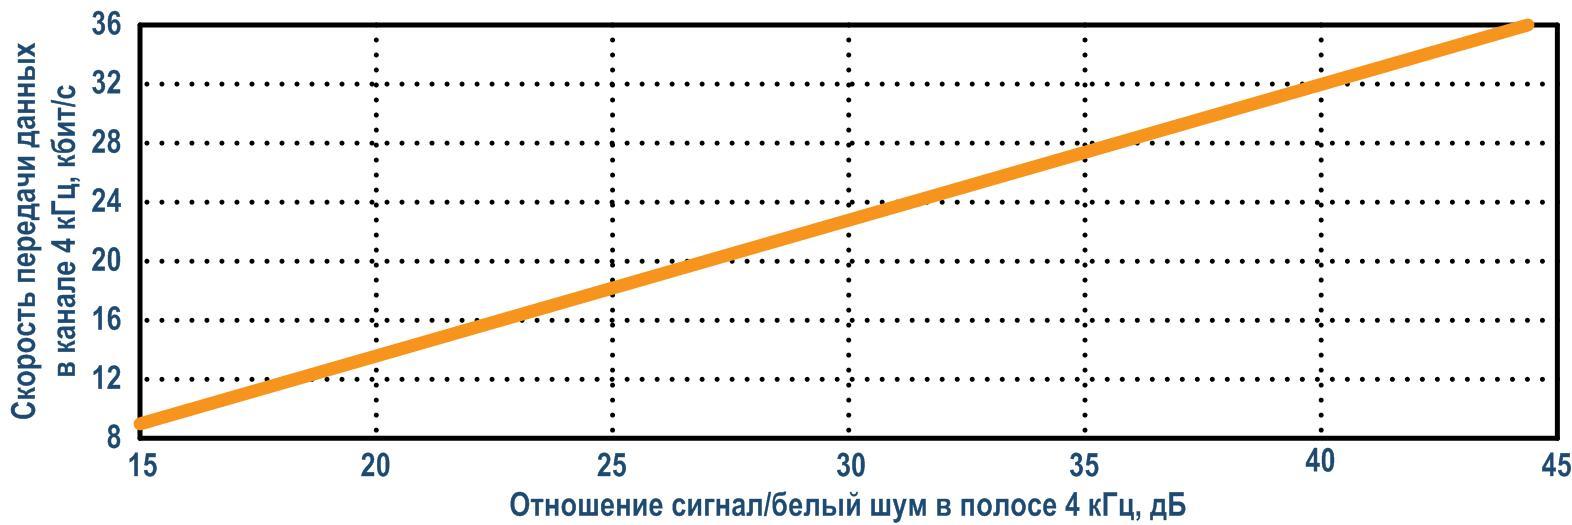 Скорость передачи данных в ЦВЧ канале с полосой 4 кГц при вероятности ошибки 10-6